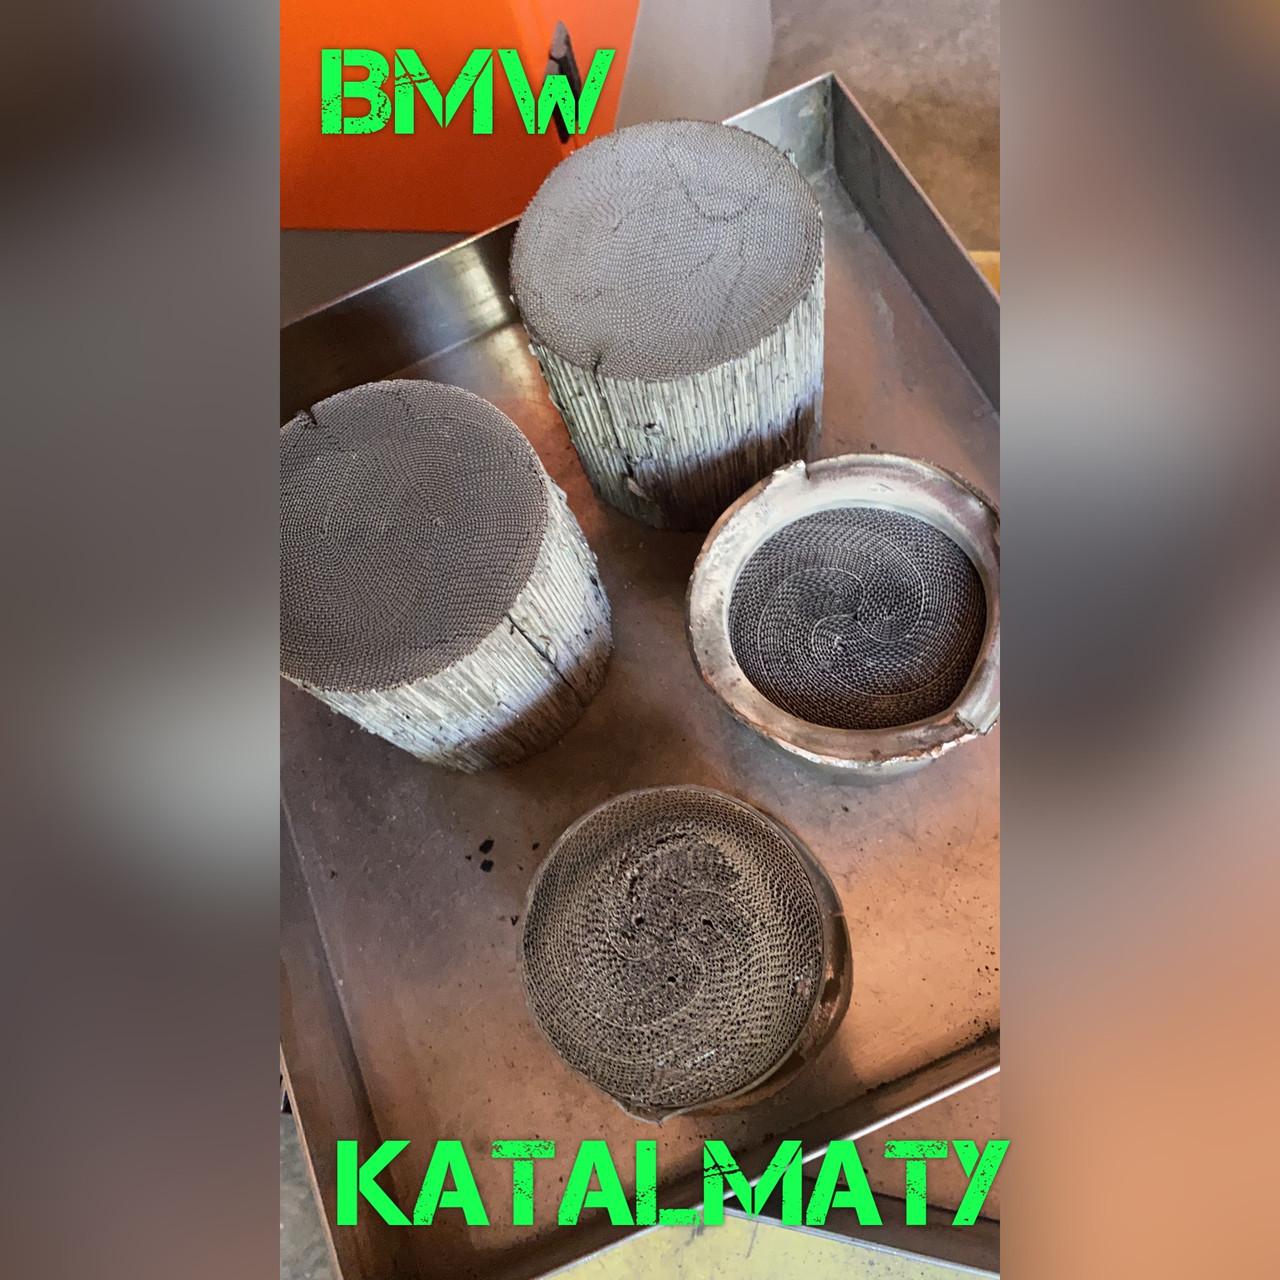 Приём катализаторов BMW (металические катализаторы )